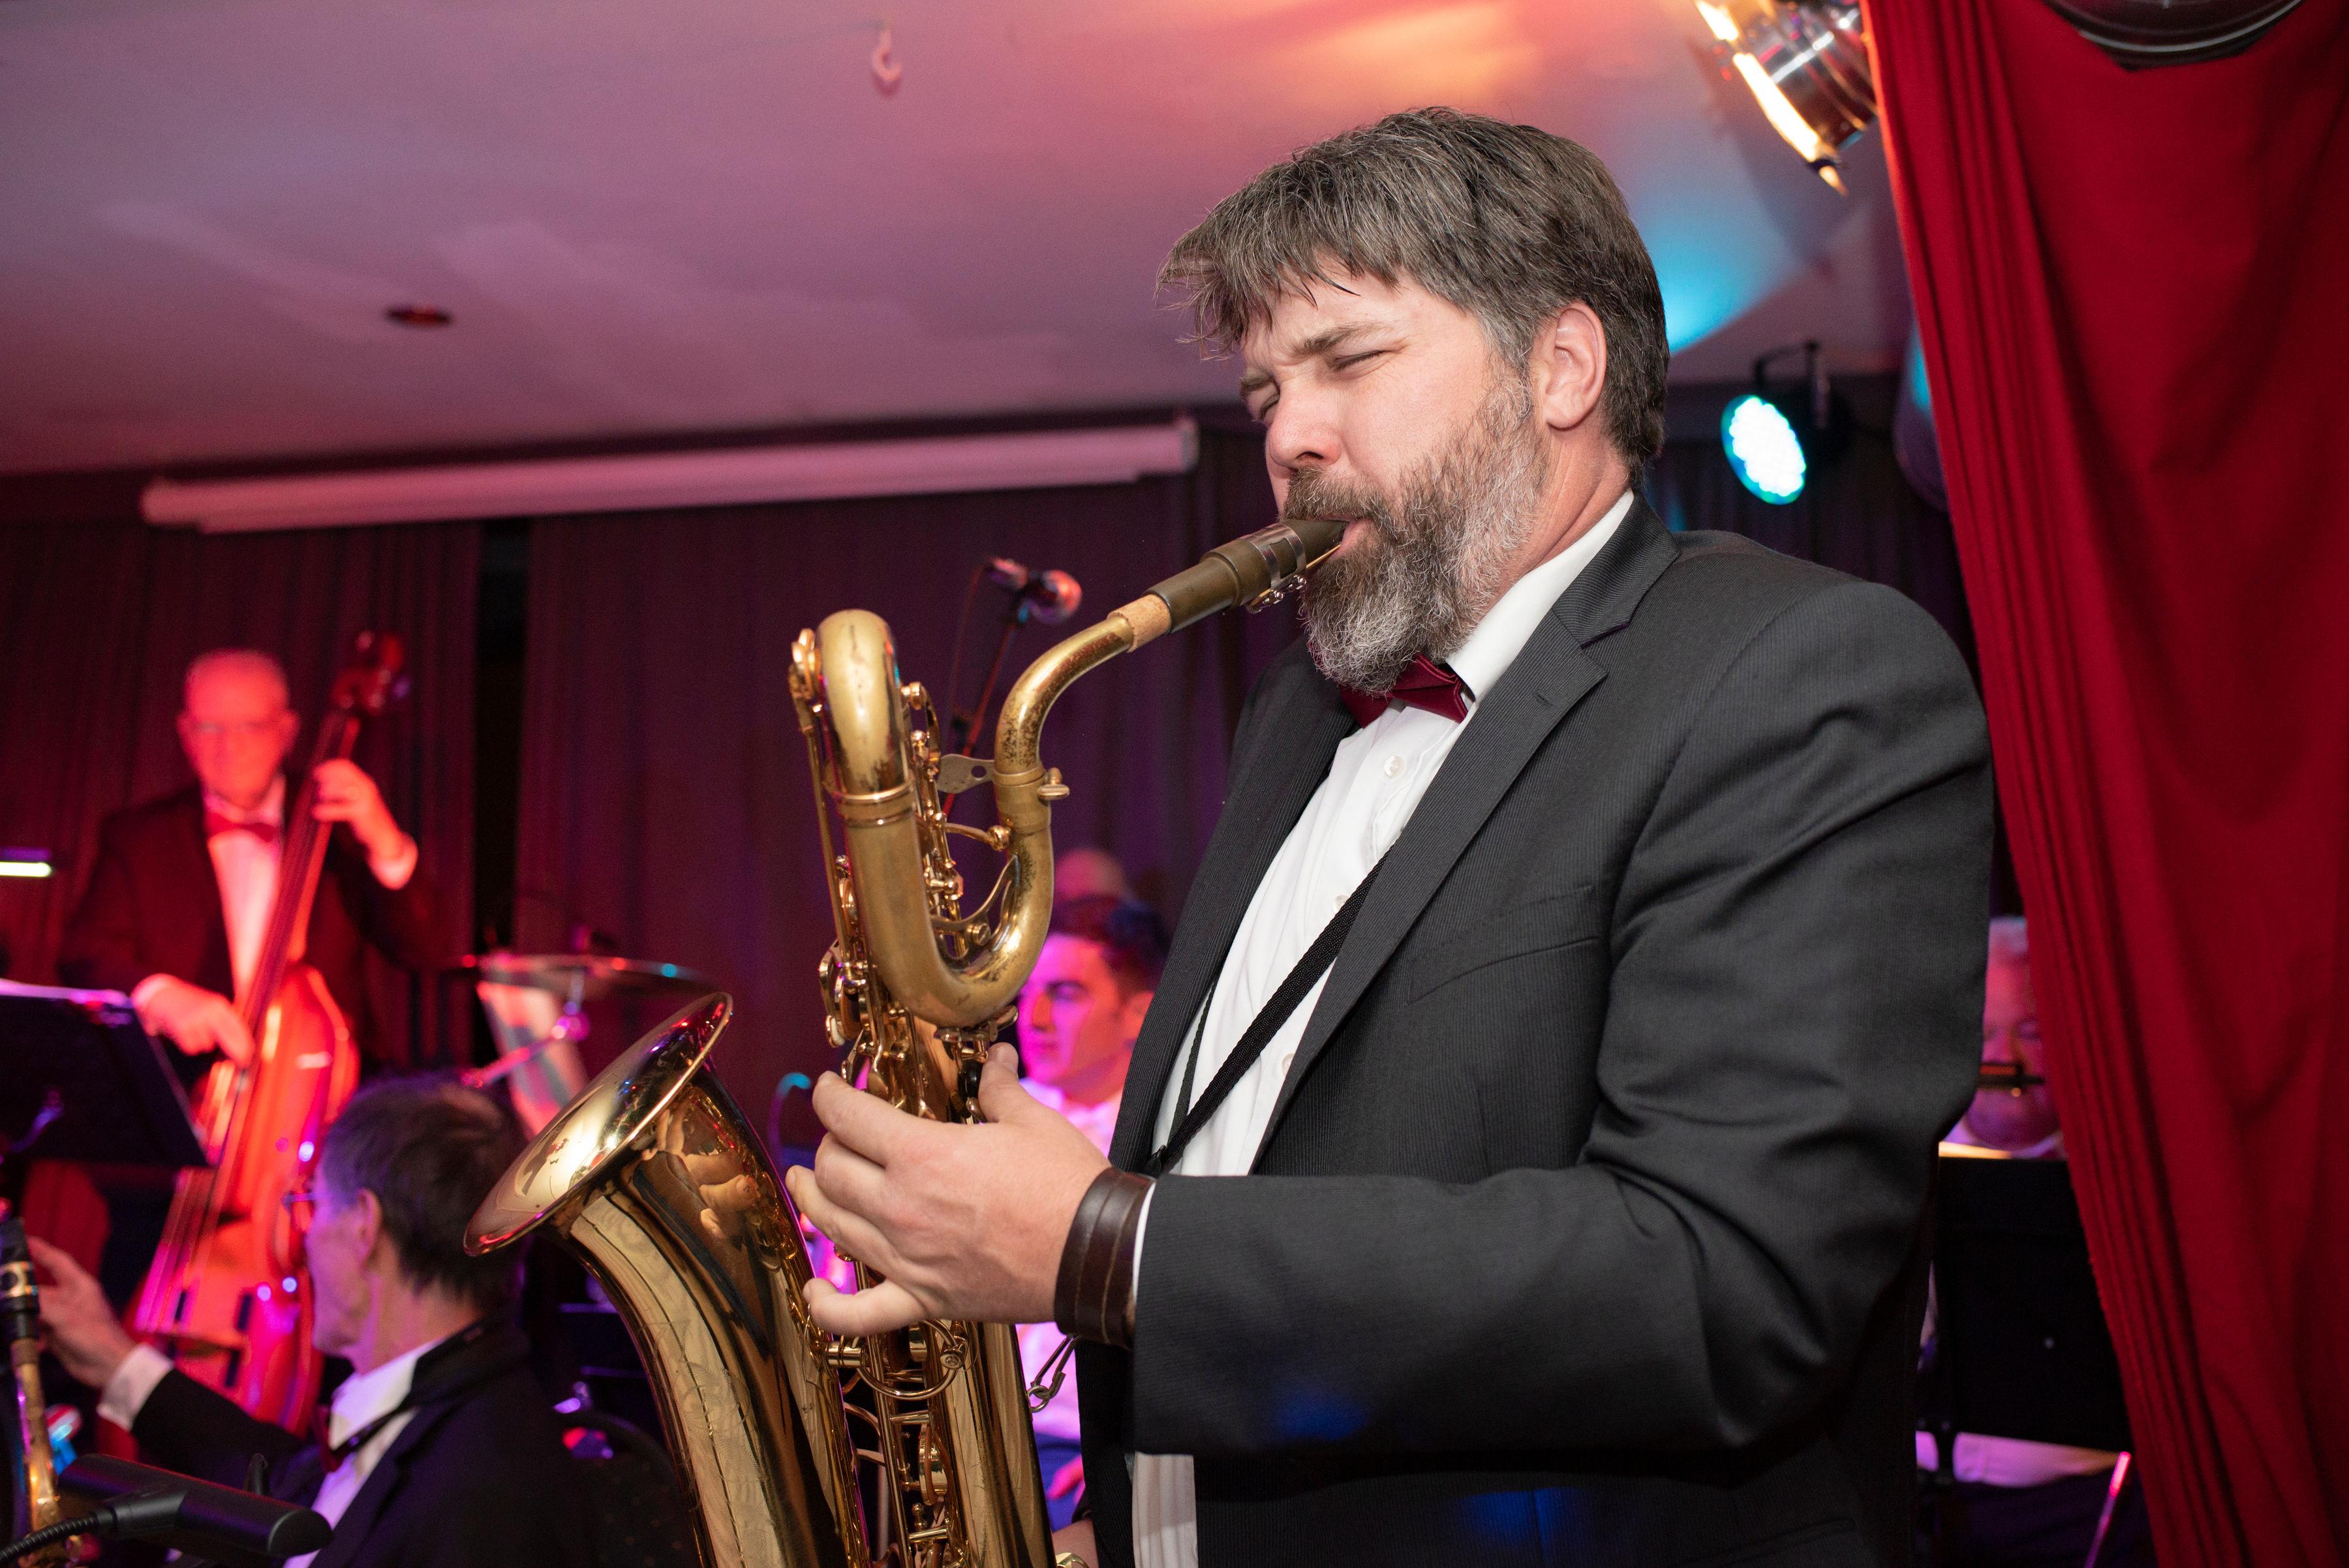 Jochen_Hochzeit2